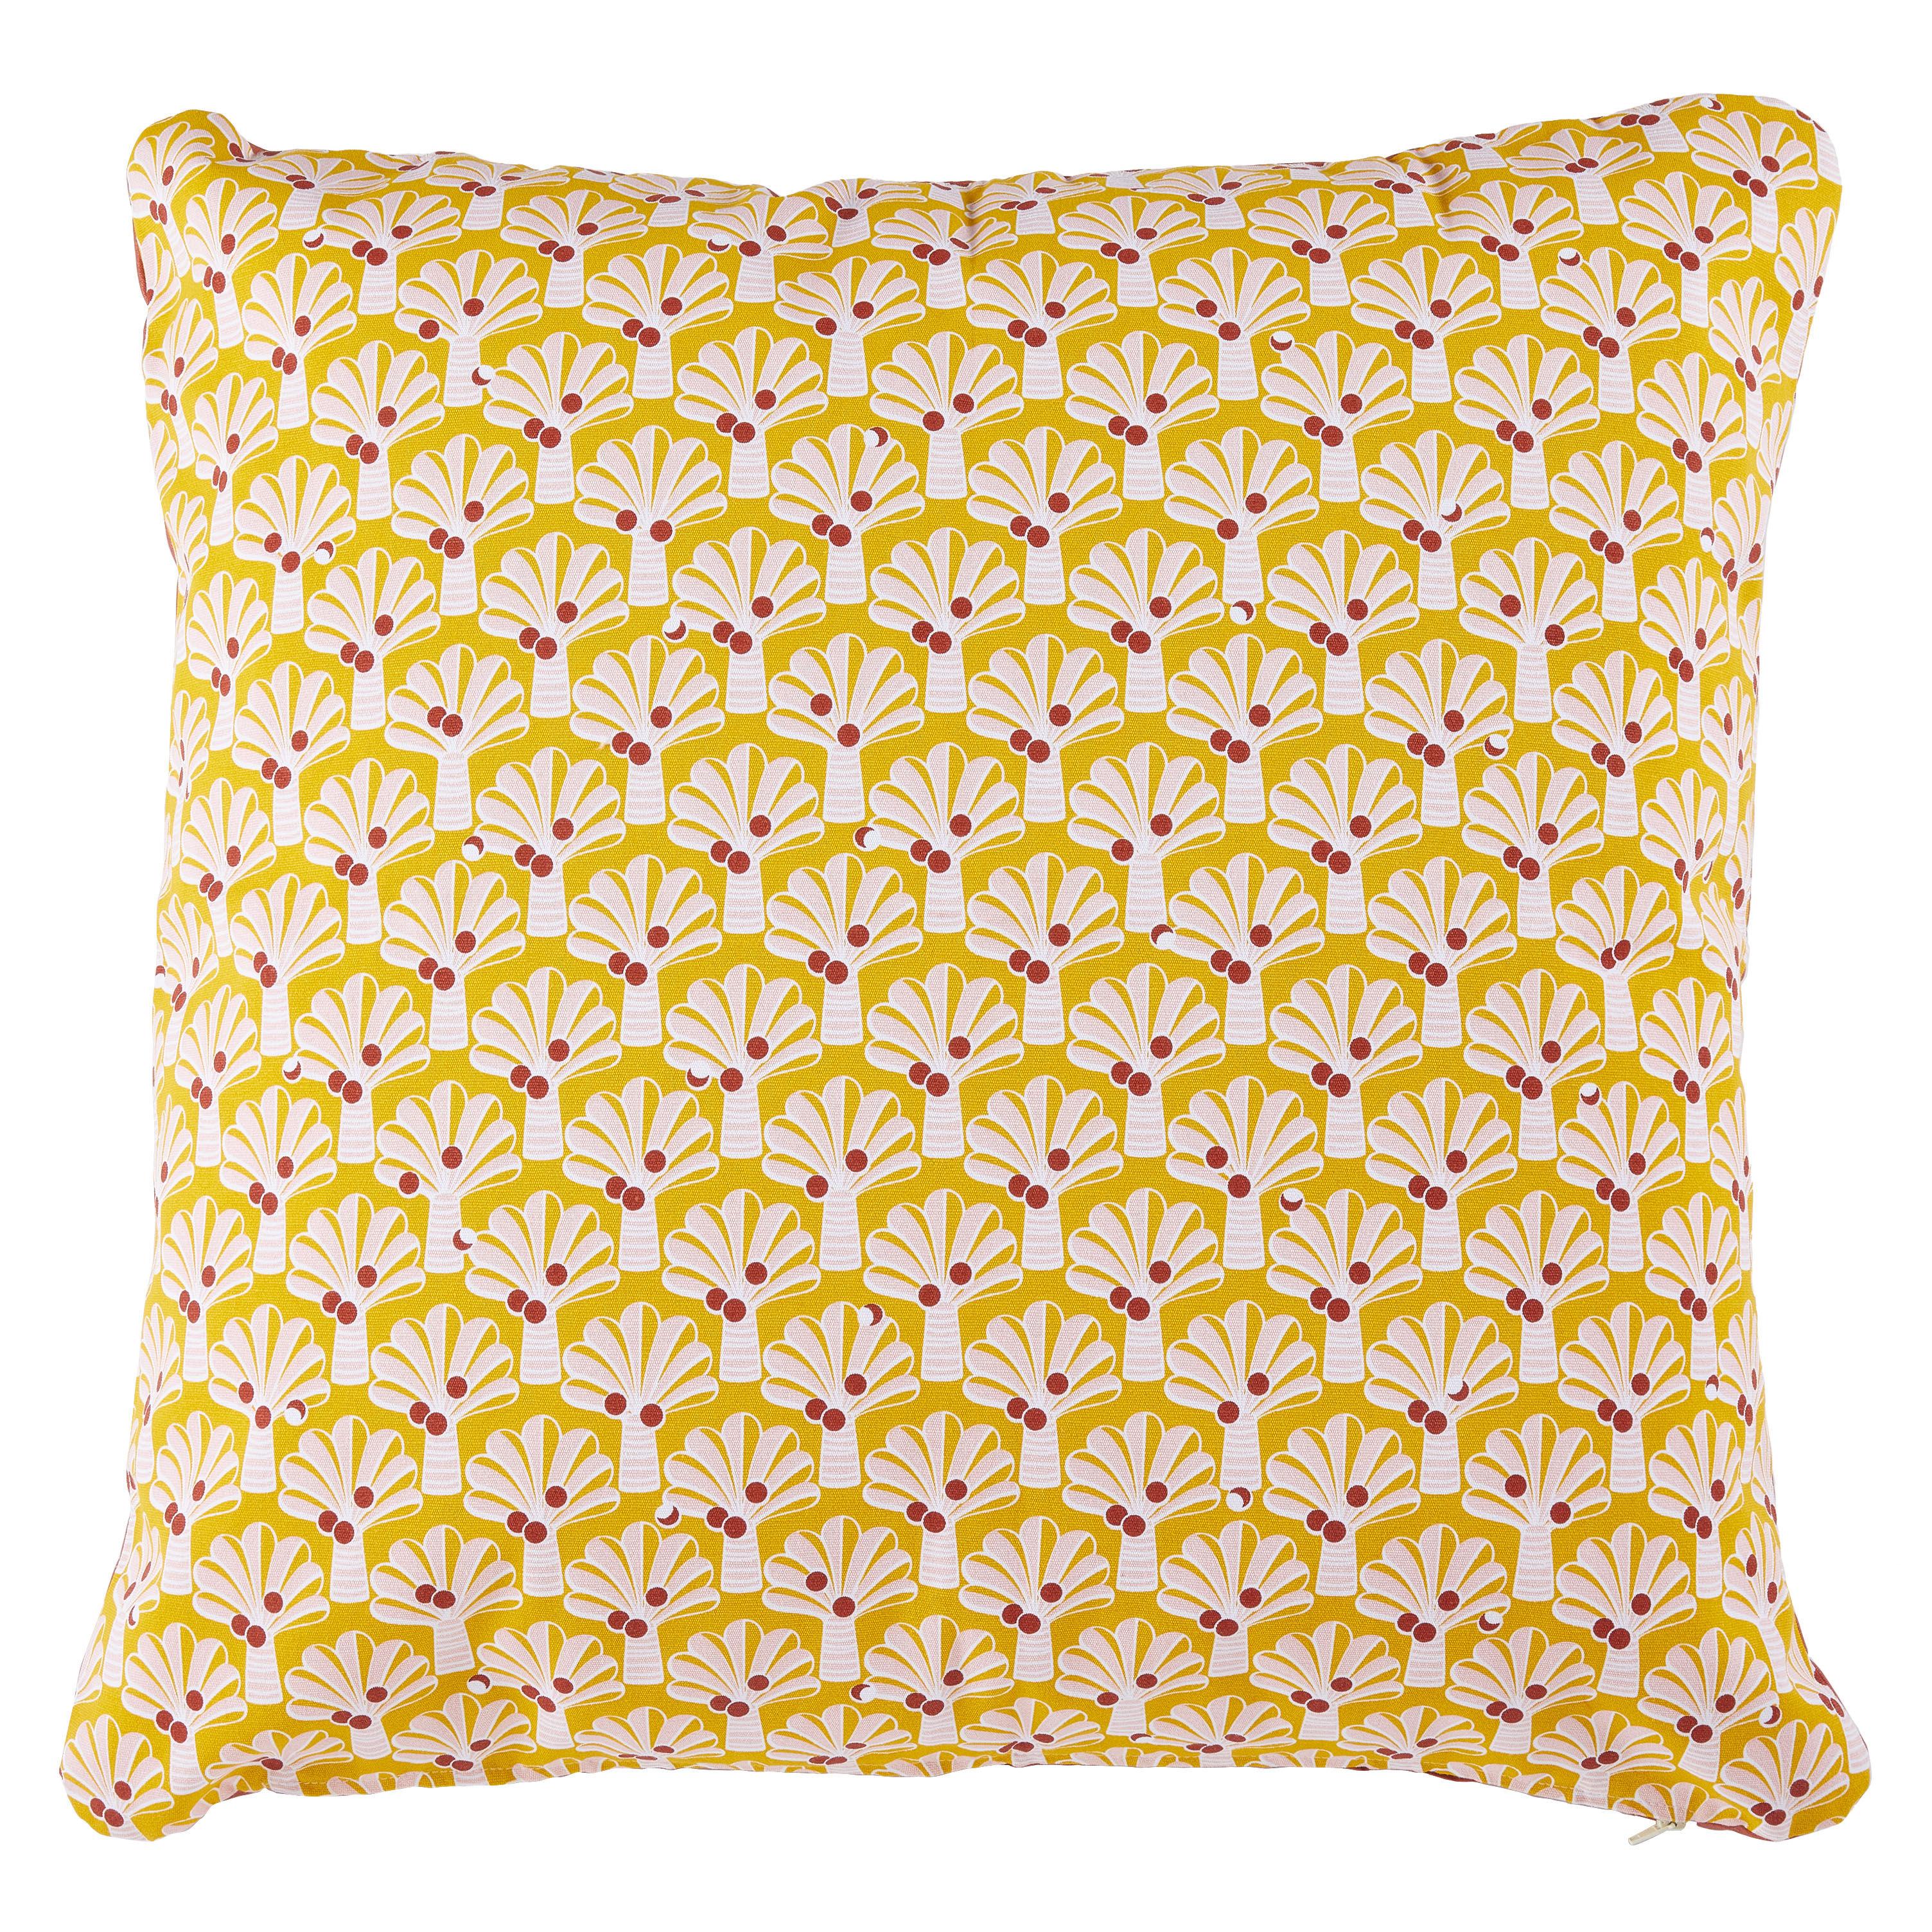 Decoration - Cushions & Poufs - Envie d'ailleurs - Cocotiers Outdoor cushion - / 70 x 70 cm by Fermob - Honey - Foam, Water repellant cotton